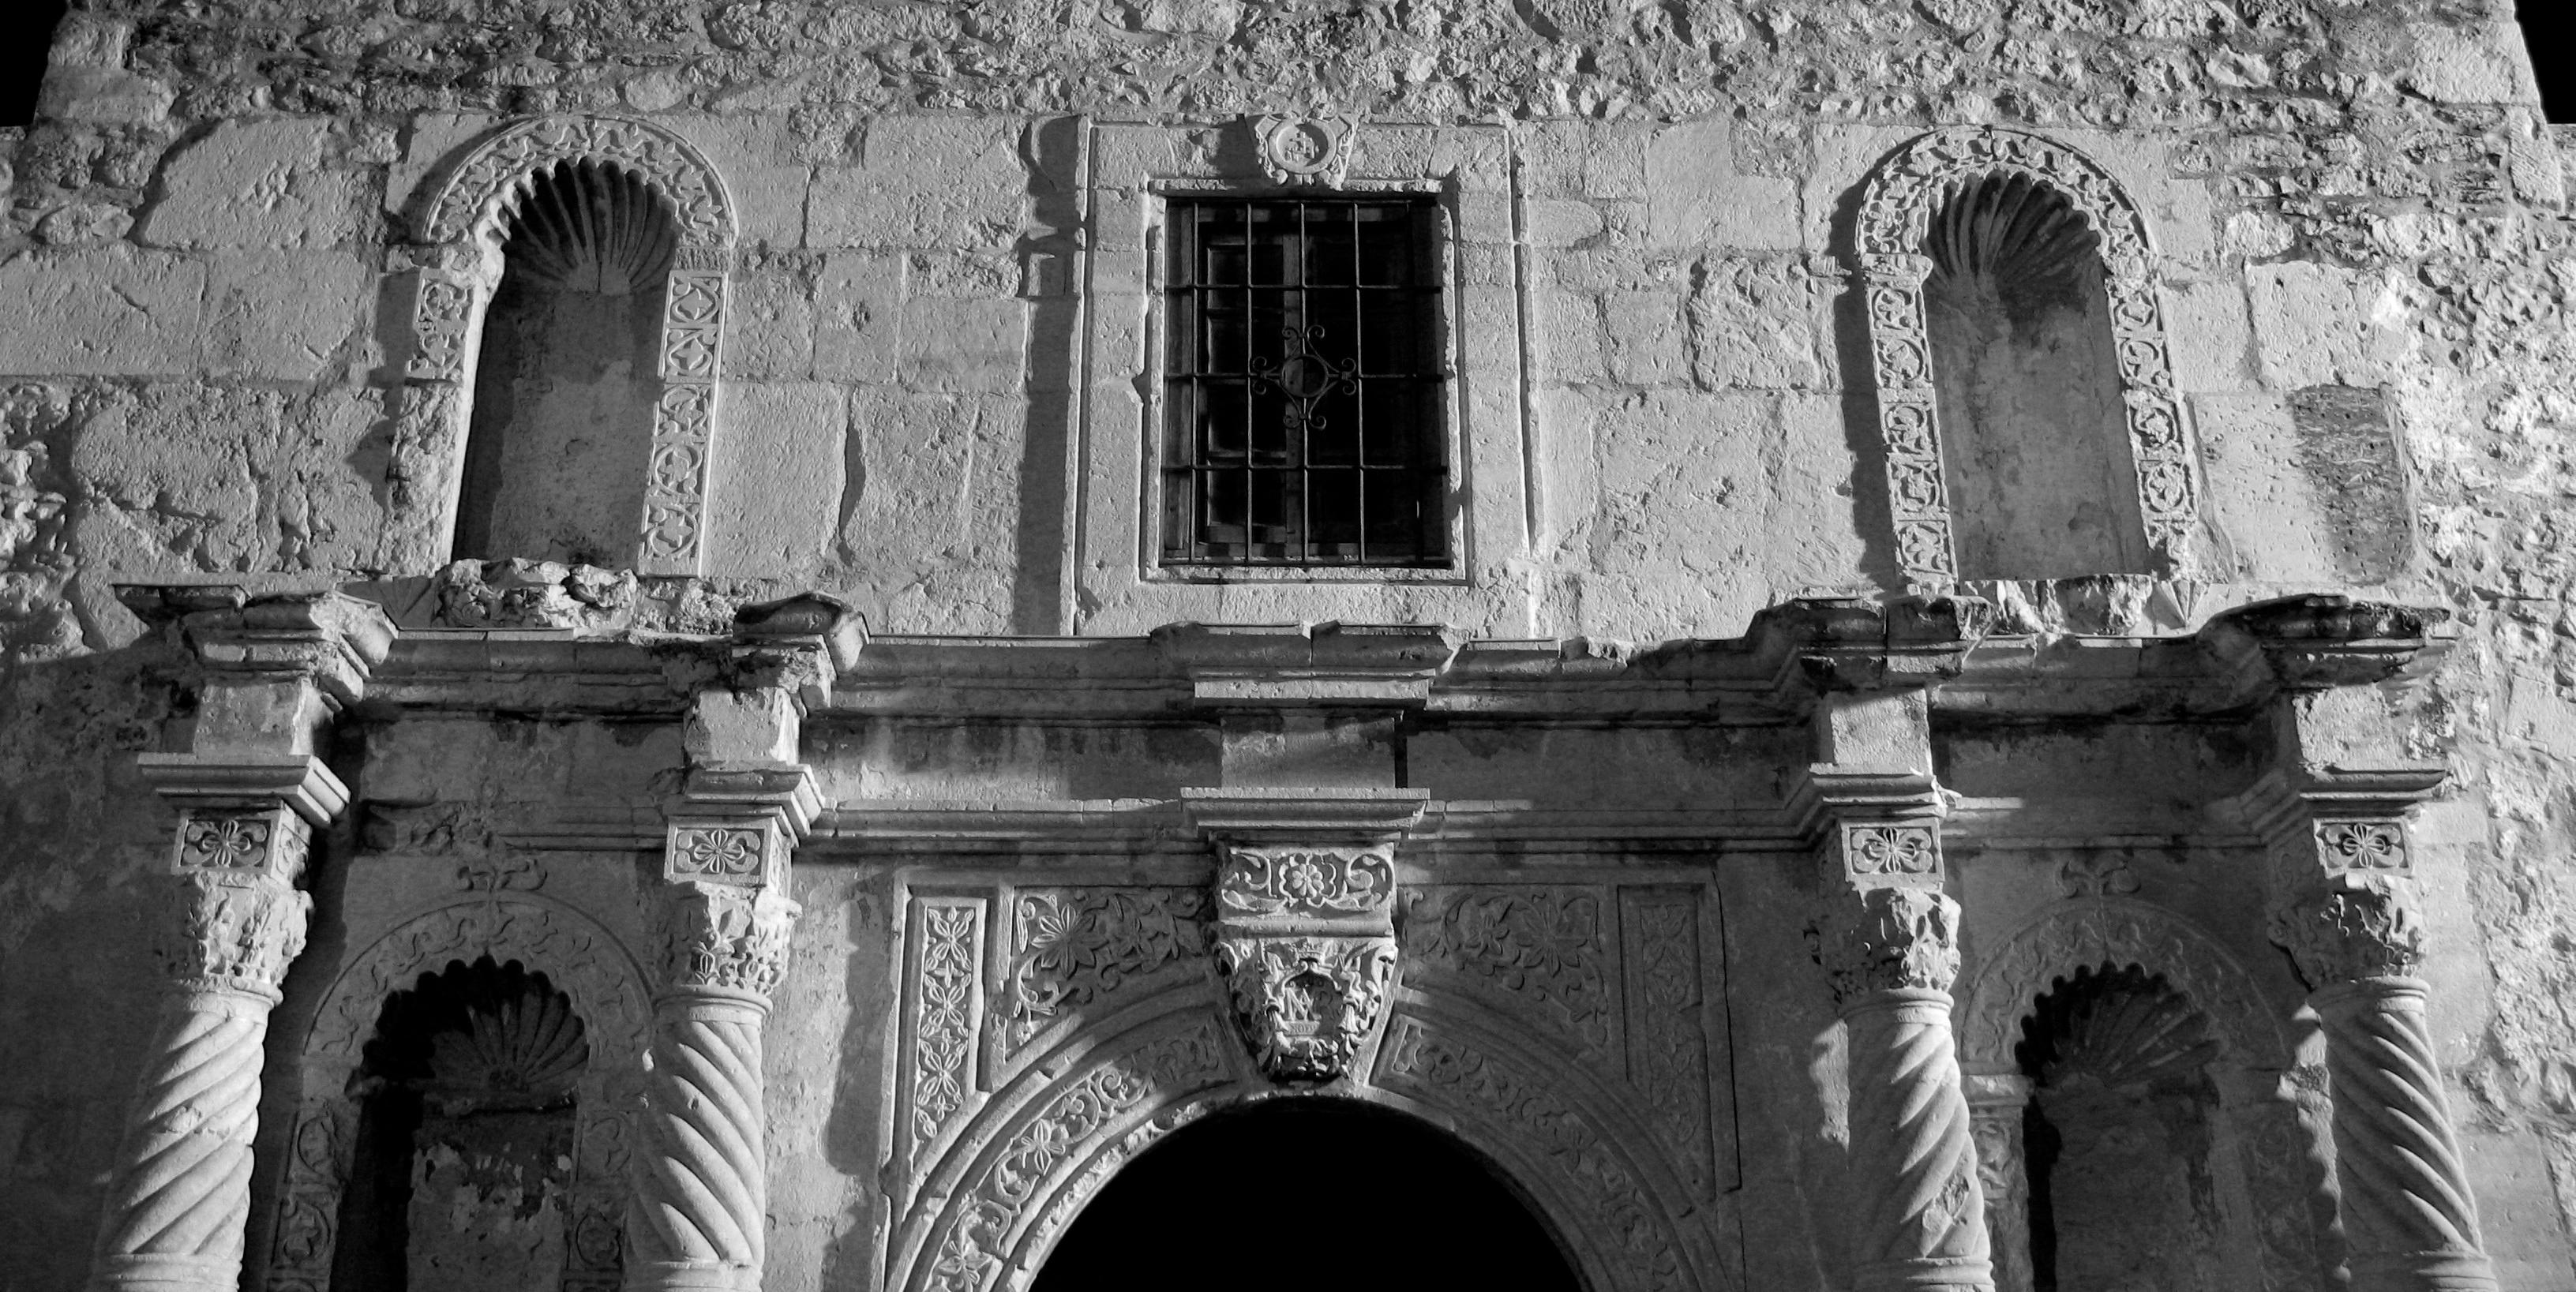 The Alamo: A Religious and Civic Shrine